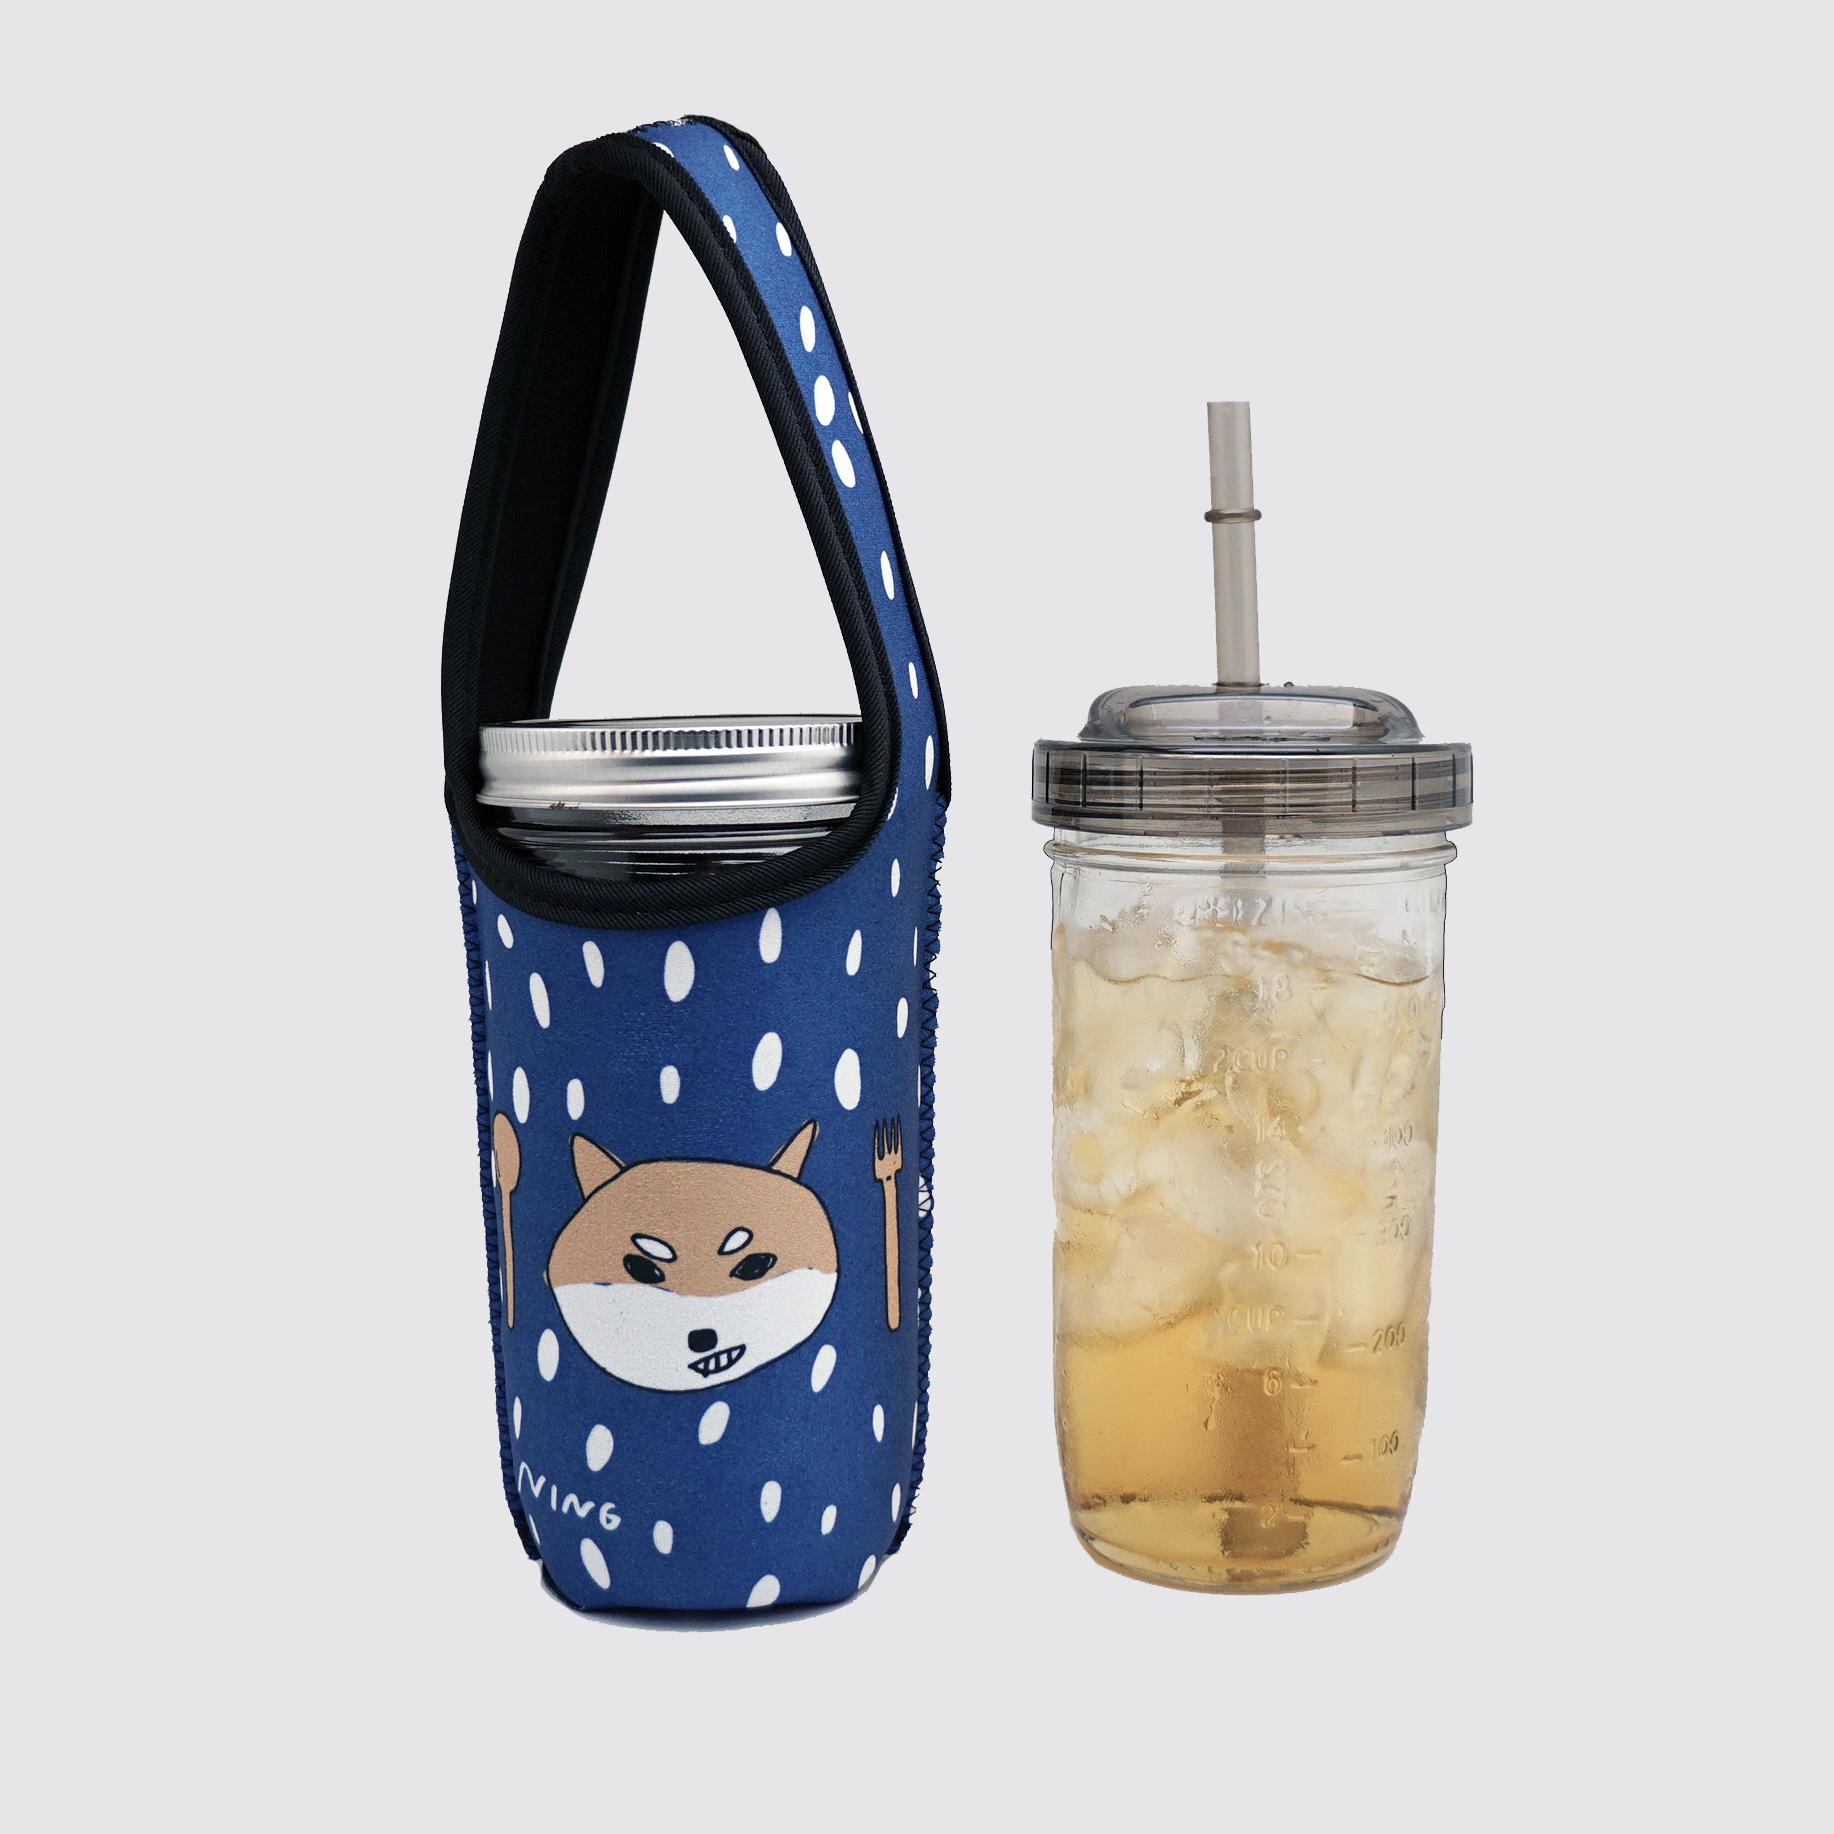 BLR 24oz梅森罐搖搖飲料杯袋組 藍底柴犬